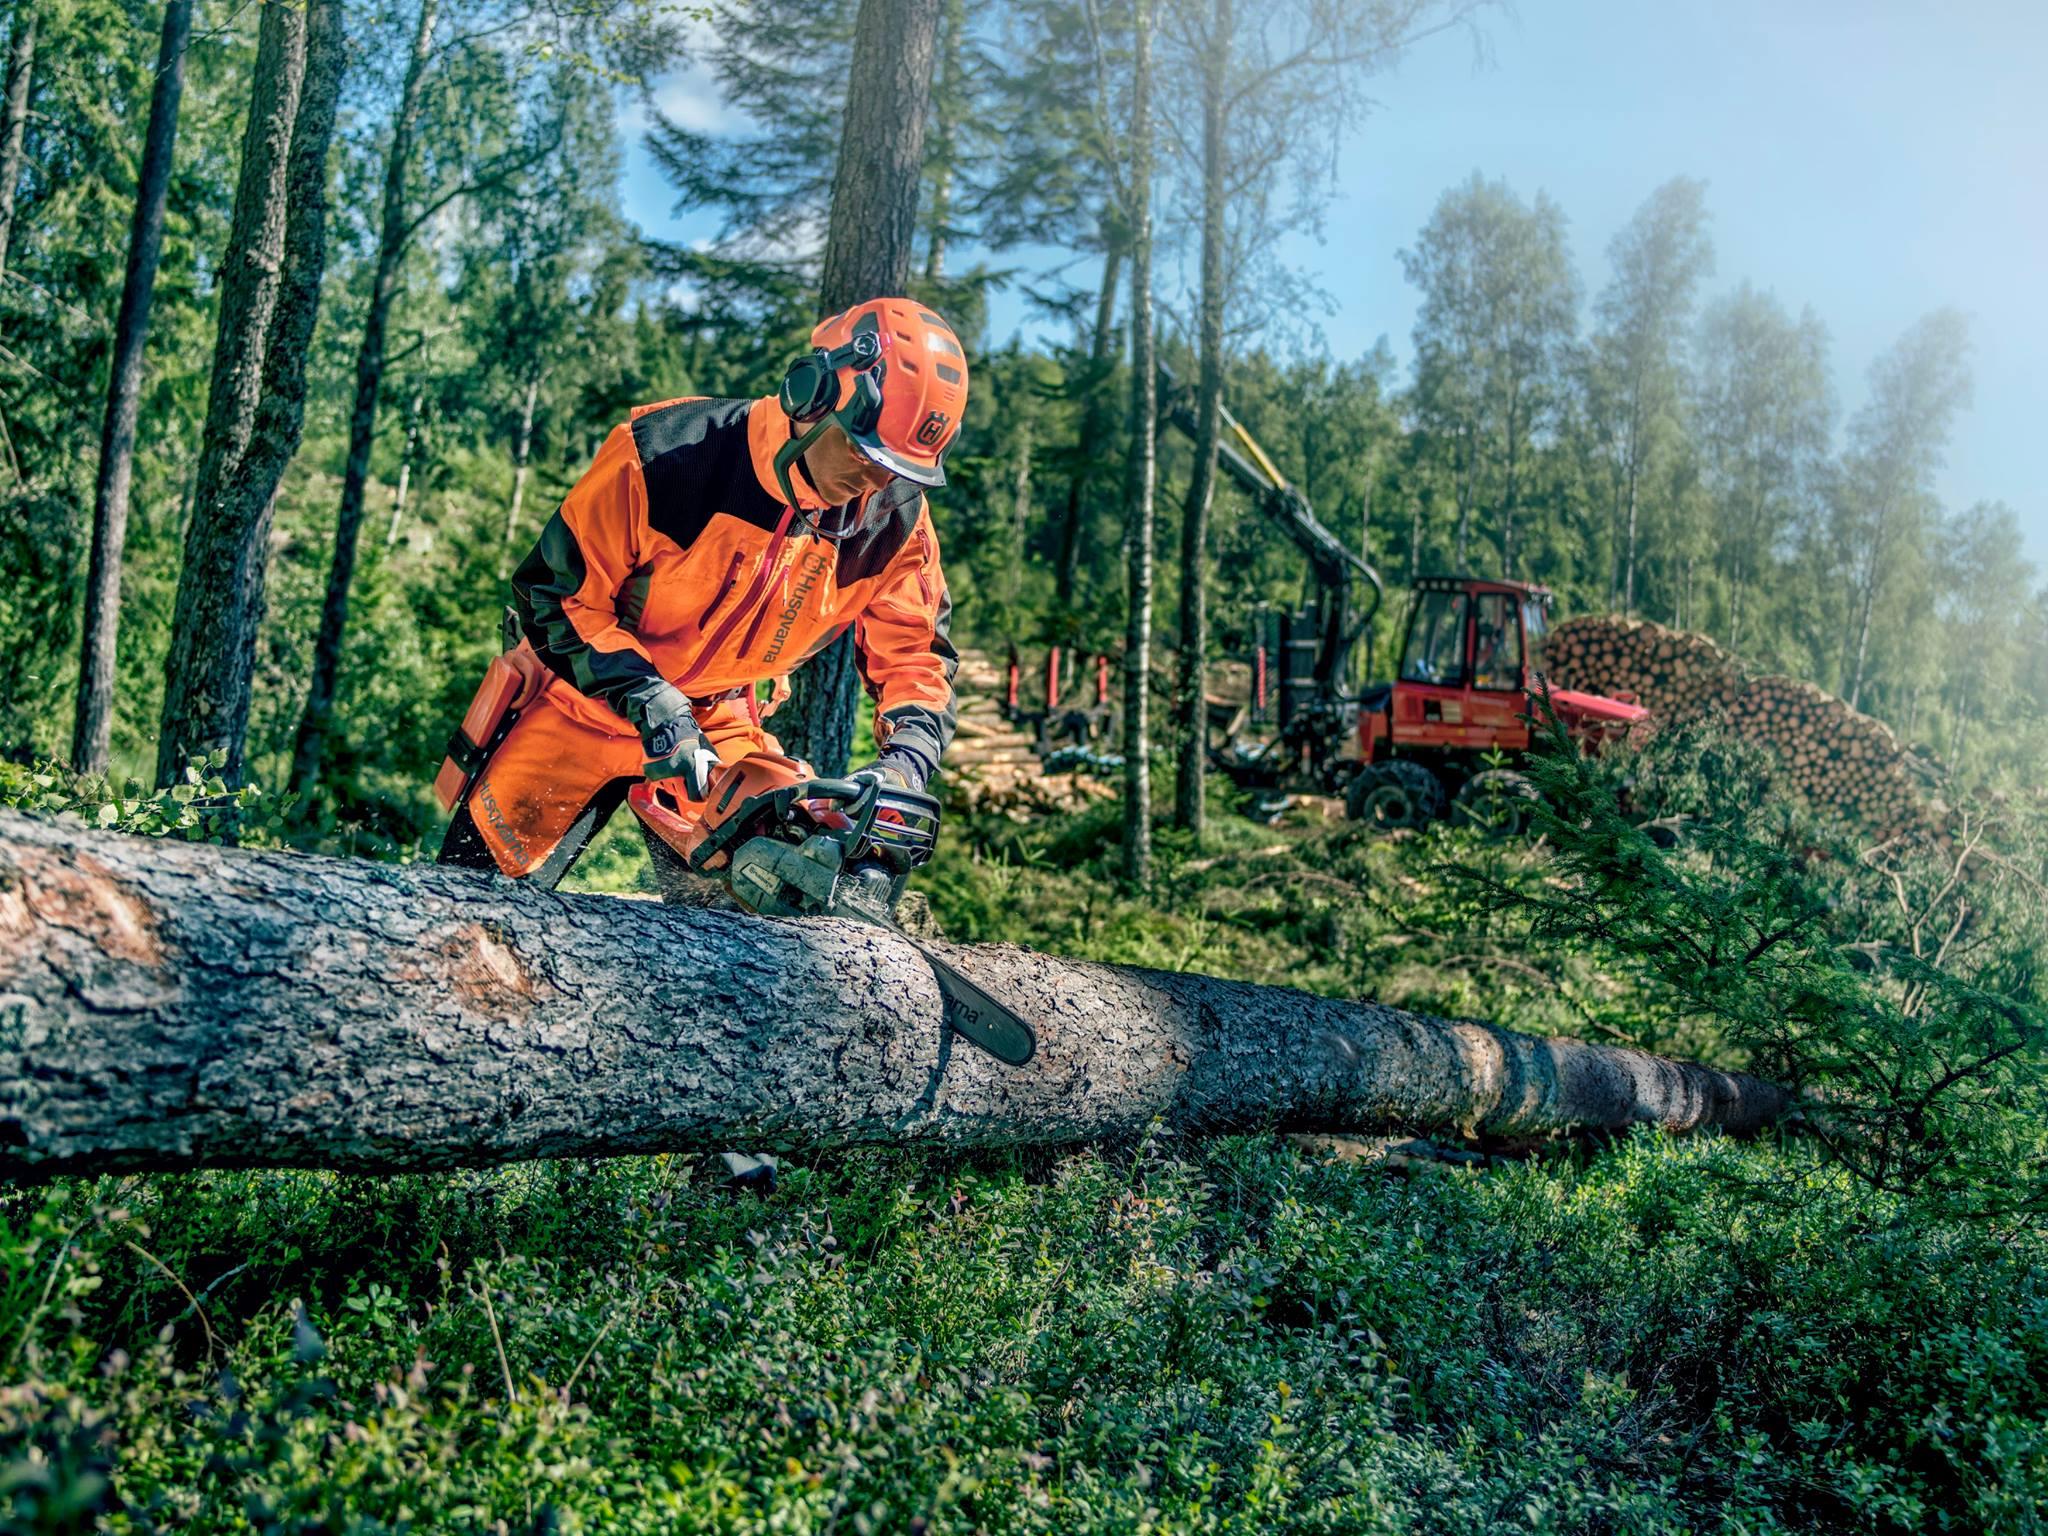 Husqvarna Chainsaw cutting tree